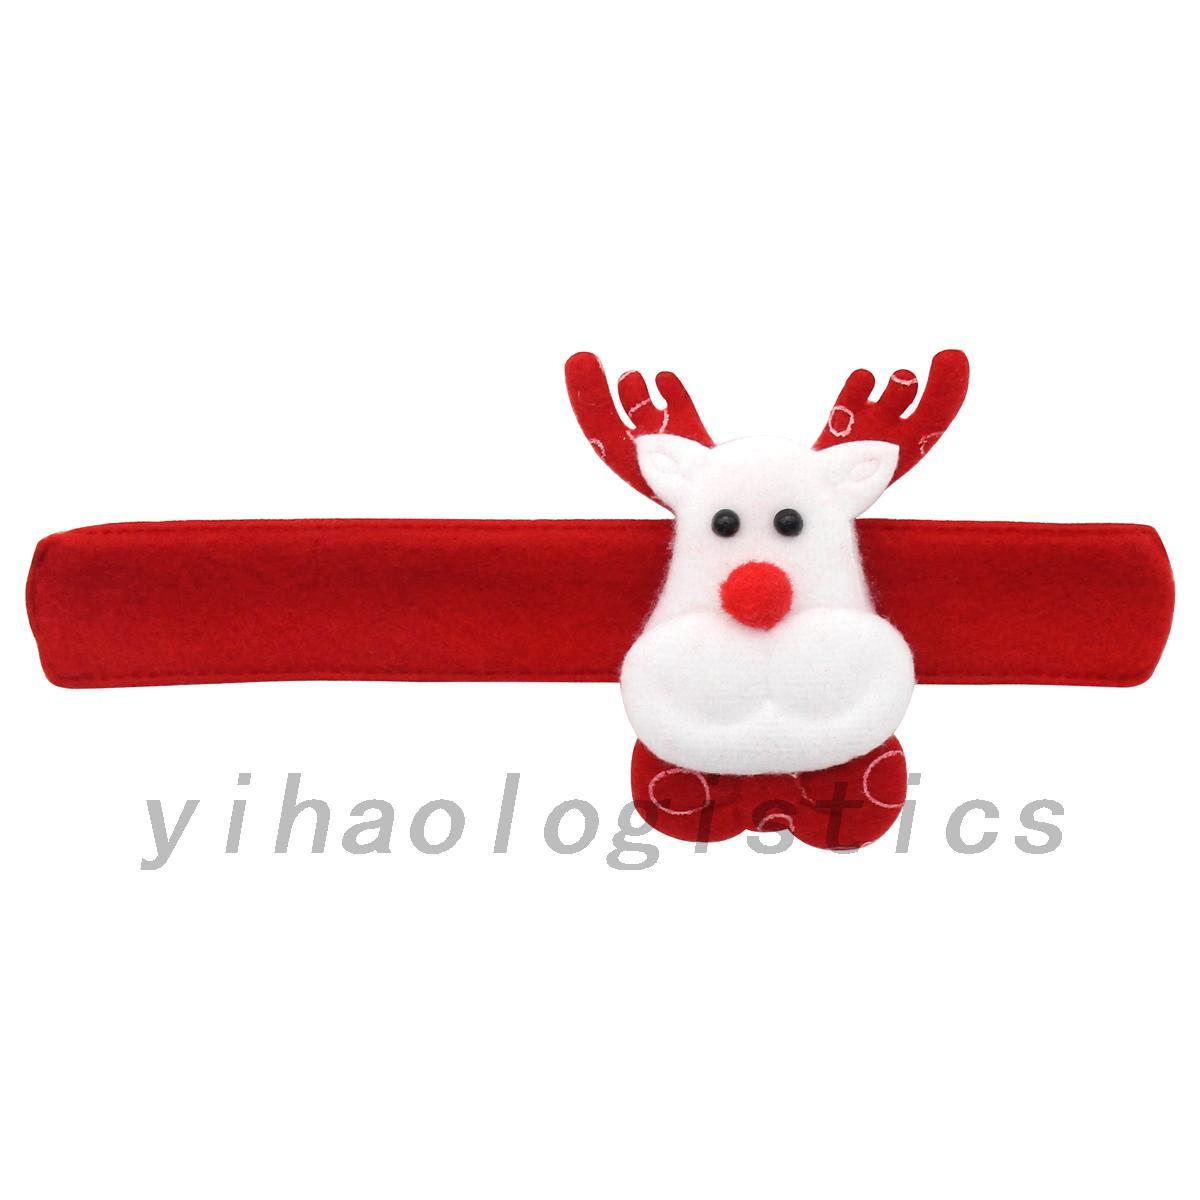 Bracelet led lumineux de no l cadeau pour enfants d coration maison jouet ebay - Cadeau de noel a vendre ...